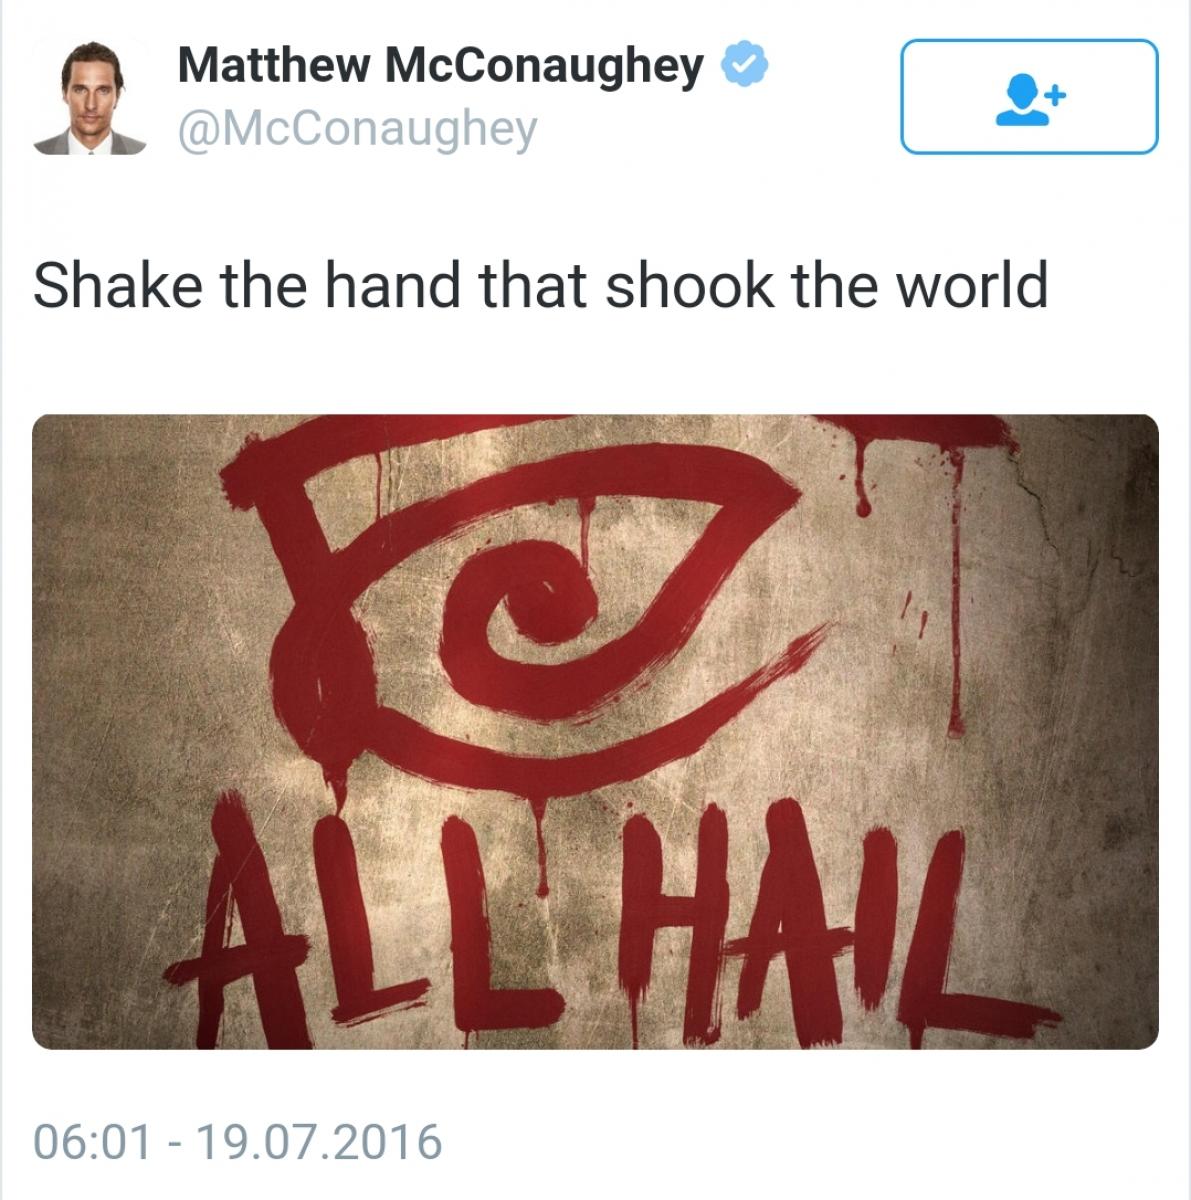 All Hail - cały wpis na Twitterze - obrazek